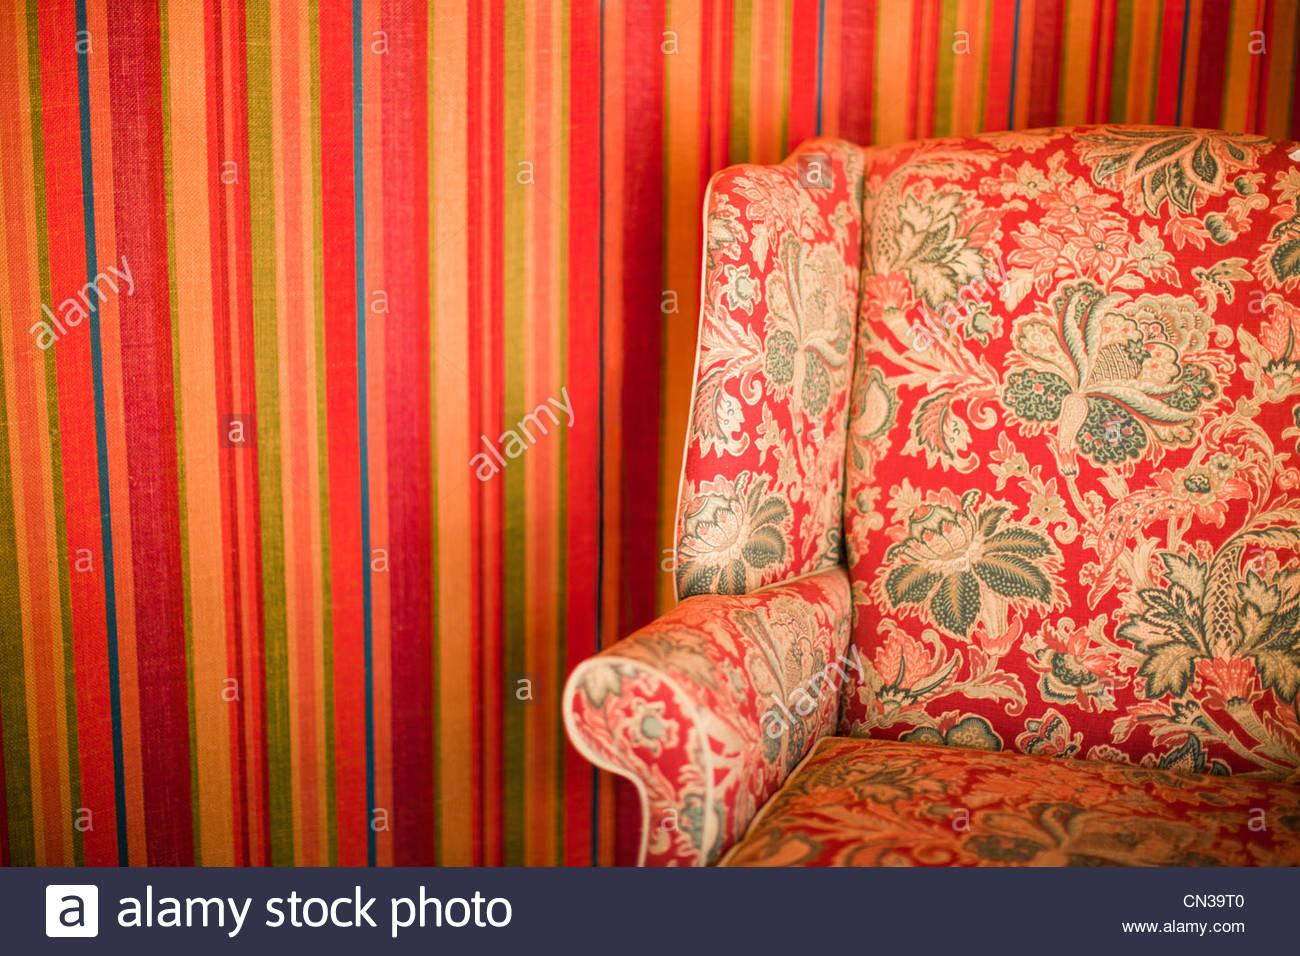 Fauteuil à motifs floraux contre mur rayé Photo Stock